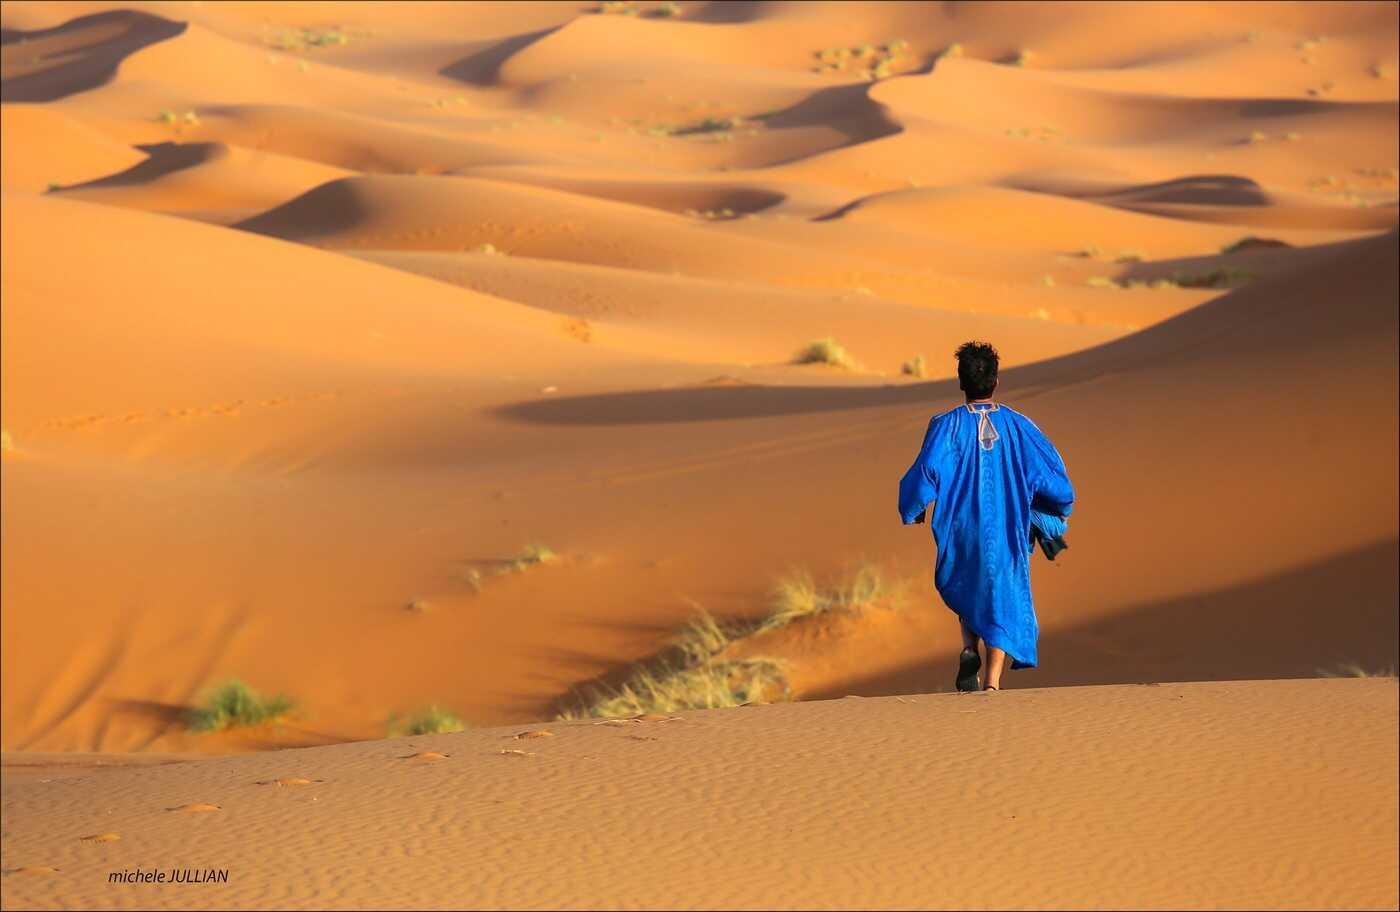 homme marchant dans le désert au maroc